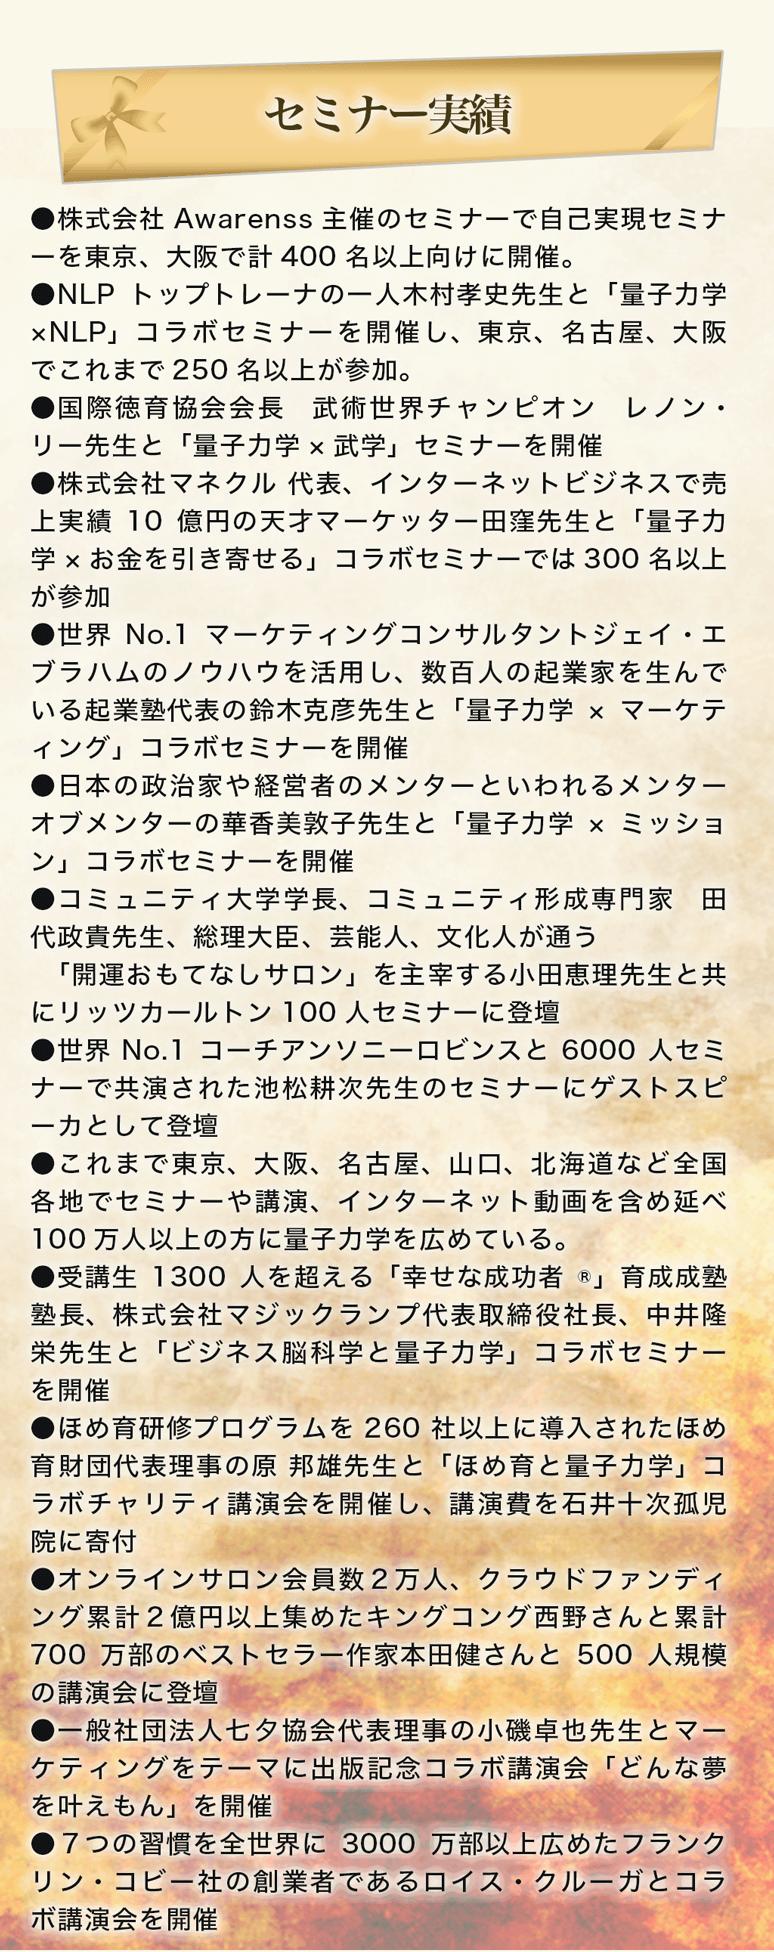 セミナー実績。株式会社Awarenss主催のセミナーで自己実現セミナーを東京、大阪で計400名以上向けに開催。NLPトップトレーナの一人木村孝史先生と「量子力学×NLP」コラボセミナーを開催し、東京、名古屋、大阪でこれまで250名以上が参加。国際徳育協会会長 武術世界チャンピオン レノン・リー先生と「量子力学×武学」セミナーを開催。株式会社マネクル 代表、インターネットビジネスで売上実績10億円の天才マーケッター田窪先生と「量子力学×お金を引き寄せる」コラボセミナーでは300名以上が参加。世界No.1マーケティングコンサルタントジェイ・エブラハムのノウハウを活用し、数百人の起業家を生んでいる起業塾代表の鈴木克彦先生と「量子力学×マーケティング」コラボセミナーを開催。日本の政治家や経営者のメンターといわれるメンターオブメンターの華香美敦子先生と「量子力学×ミッション」コラボセミナーを開催。コミュニティ大学学長、コミュニティ形成専門家 田代政貴先生、総理大臣、芸能人、文化人が通う「開運おもてなしサロン」を主宰する小田恵理先生と共にリッツカールトン100人セミナーに登壇。世界No.1コーチアンソニーロビンスと6000人セミナーで共演された池松耕次先生のセミナーにゲストスピーカとして登壇。これまで東京、大阪、名古屋、山口、北海道など全国各地でセミナーや講演、インターネット動画を含め延べ100万人以上の方に量子力学を広めている。受講生1300人を超える「幸せな成功者®」育成成塾塾長、株式会社マジックランプ代表取締役社長、中井隆栄先生と「ビジネス脳科学と量子力学」コラボセミナーを開催。ほめ育研修プログラムを260社以上に導入されたほめ育財団代表理事の原 邦雄先生と「ほめ育と量子力学」コラボチャリティ講演会を開催し、講演費を石井十次孤児院に寄付。オンラインサロン会員数2万人、クラウドファンディング累計2億円以上集めたキングコング西野さんと累計700万部のベストセラー作家本田健さんと500人規模の講演会に登壇。一般社団法人七夕協会代表理事の小磯卓也先生とマーケティングをテーマに出版記念コラボ講演会「どんな夢を叶えもん」を開催。7つの習慣を全世界に3000万部以上広めたフランクリン・コビー社の創業者であるロイス・クルーガとコラボ講演会を開催